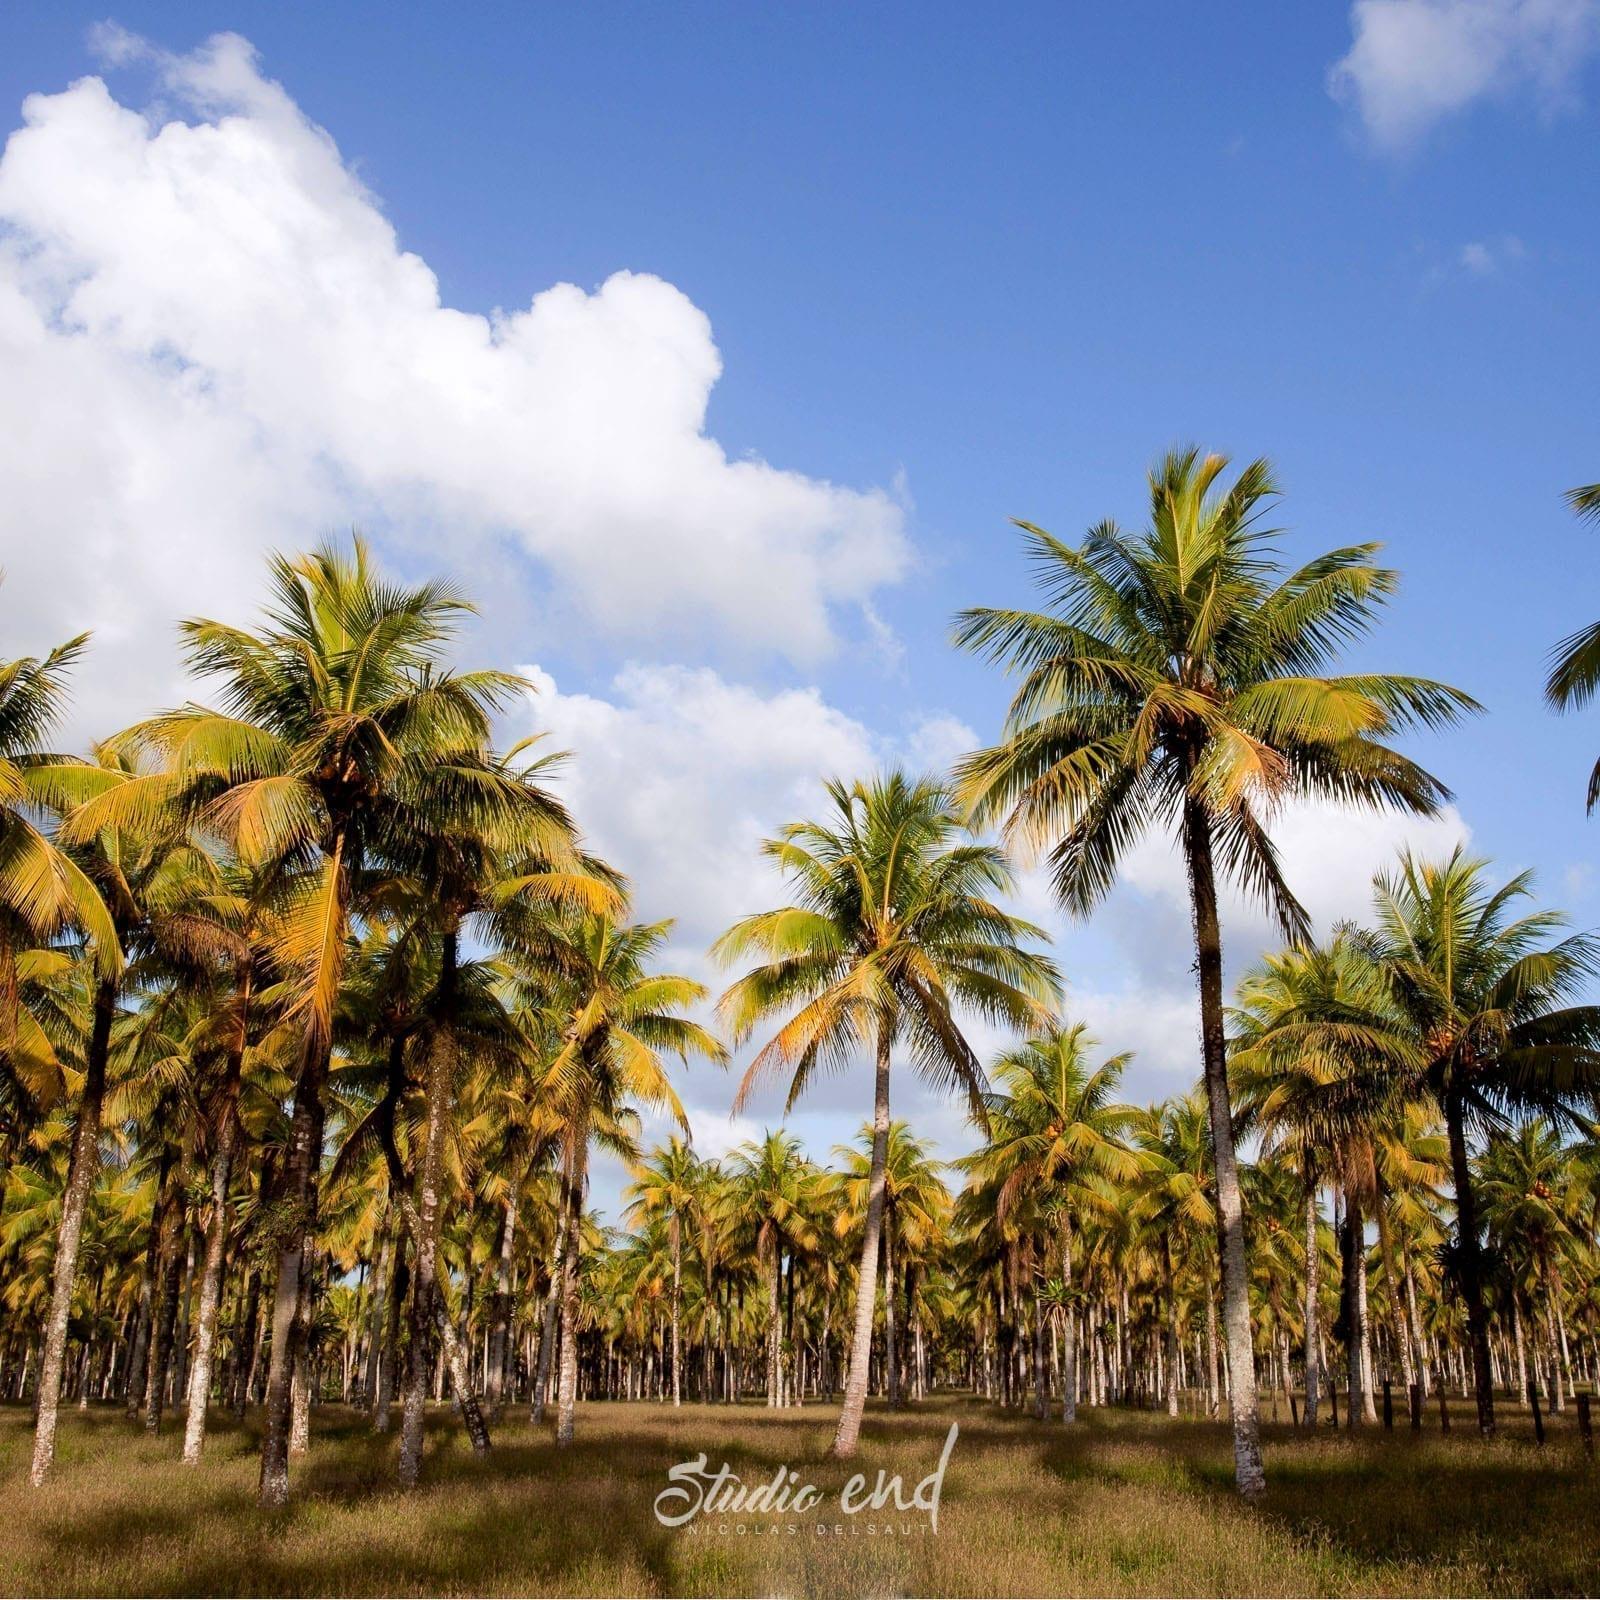 Photographie et reportage de voyage Costa Rica Nicolas Delsaut